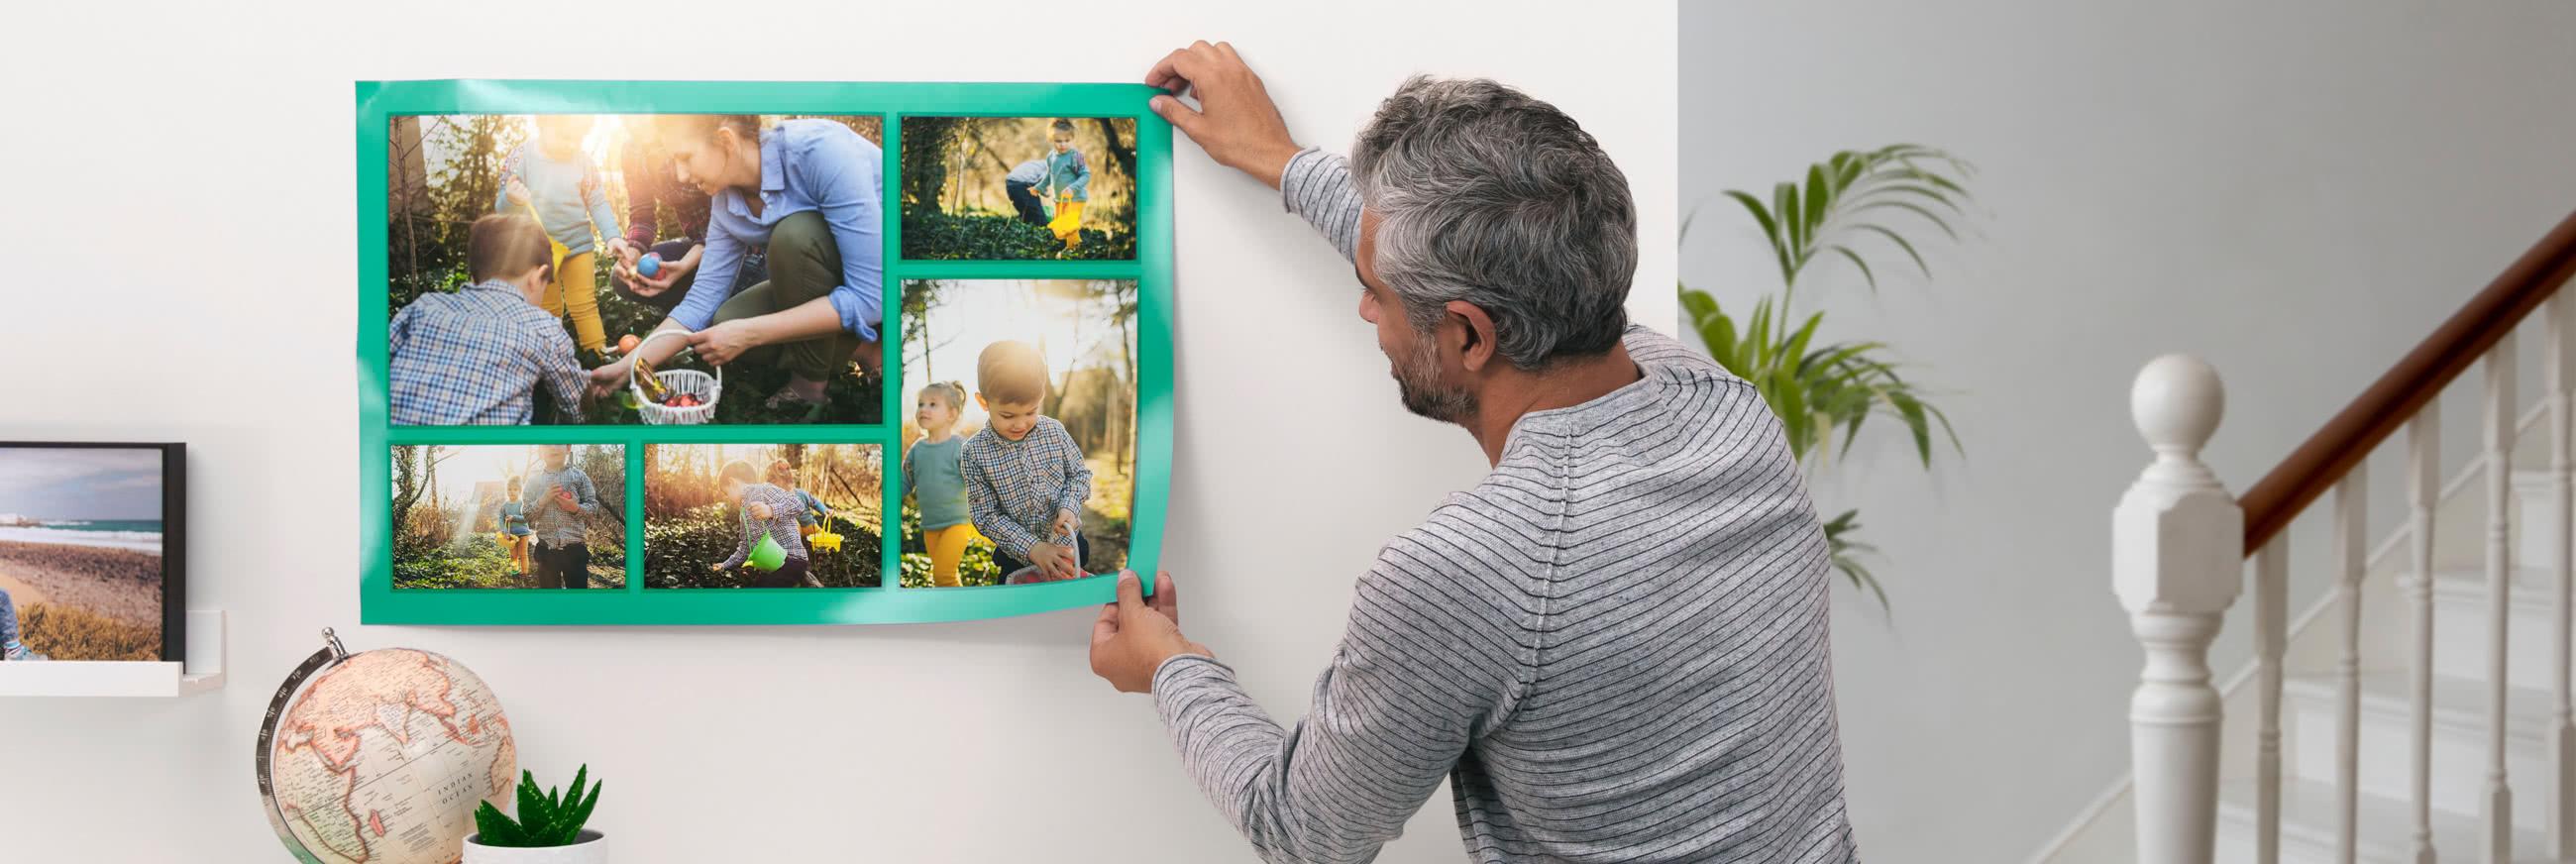 Fabriquer Un Pele Mele poster photo pêle-mêle | idée cadeau photo | photobox